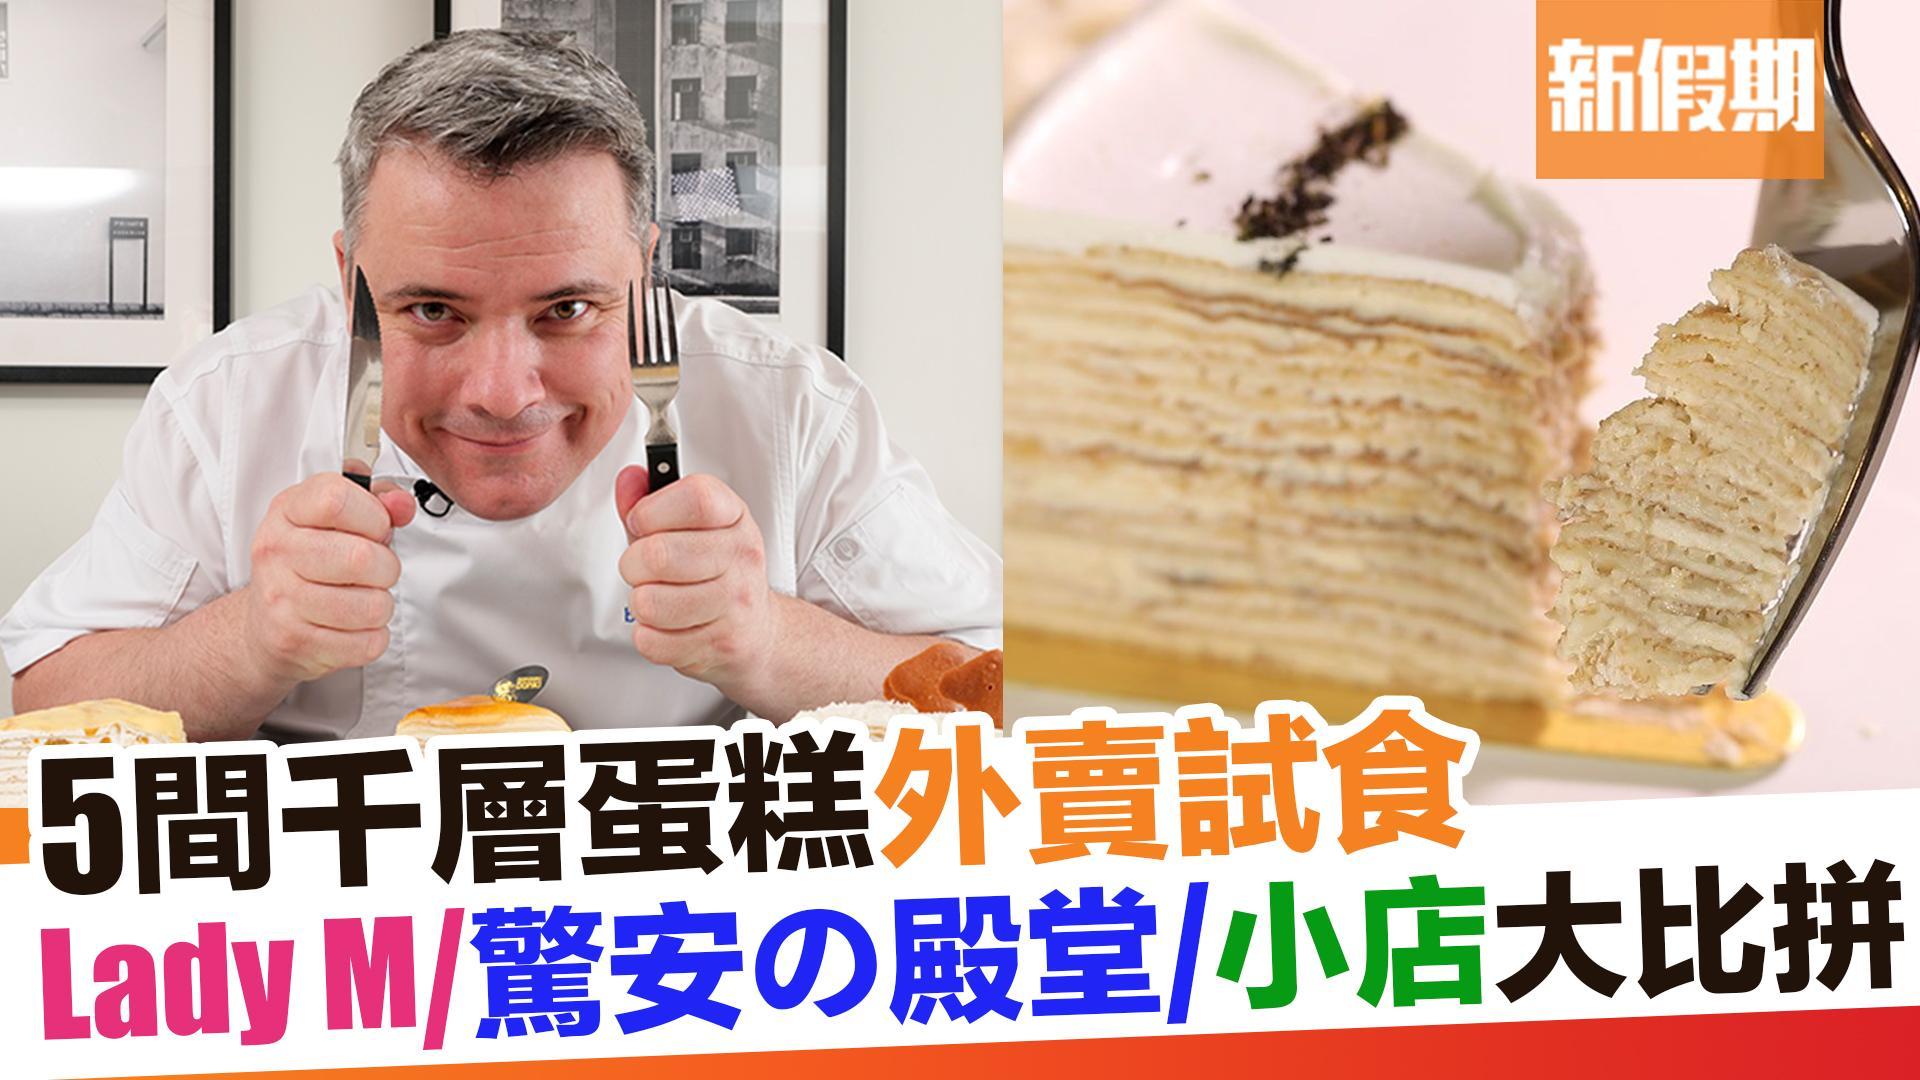 【外賣食乜好】千層蛋糕外賣Top 5 新假期